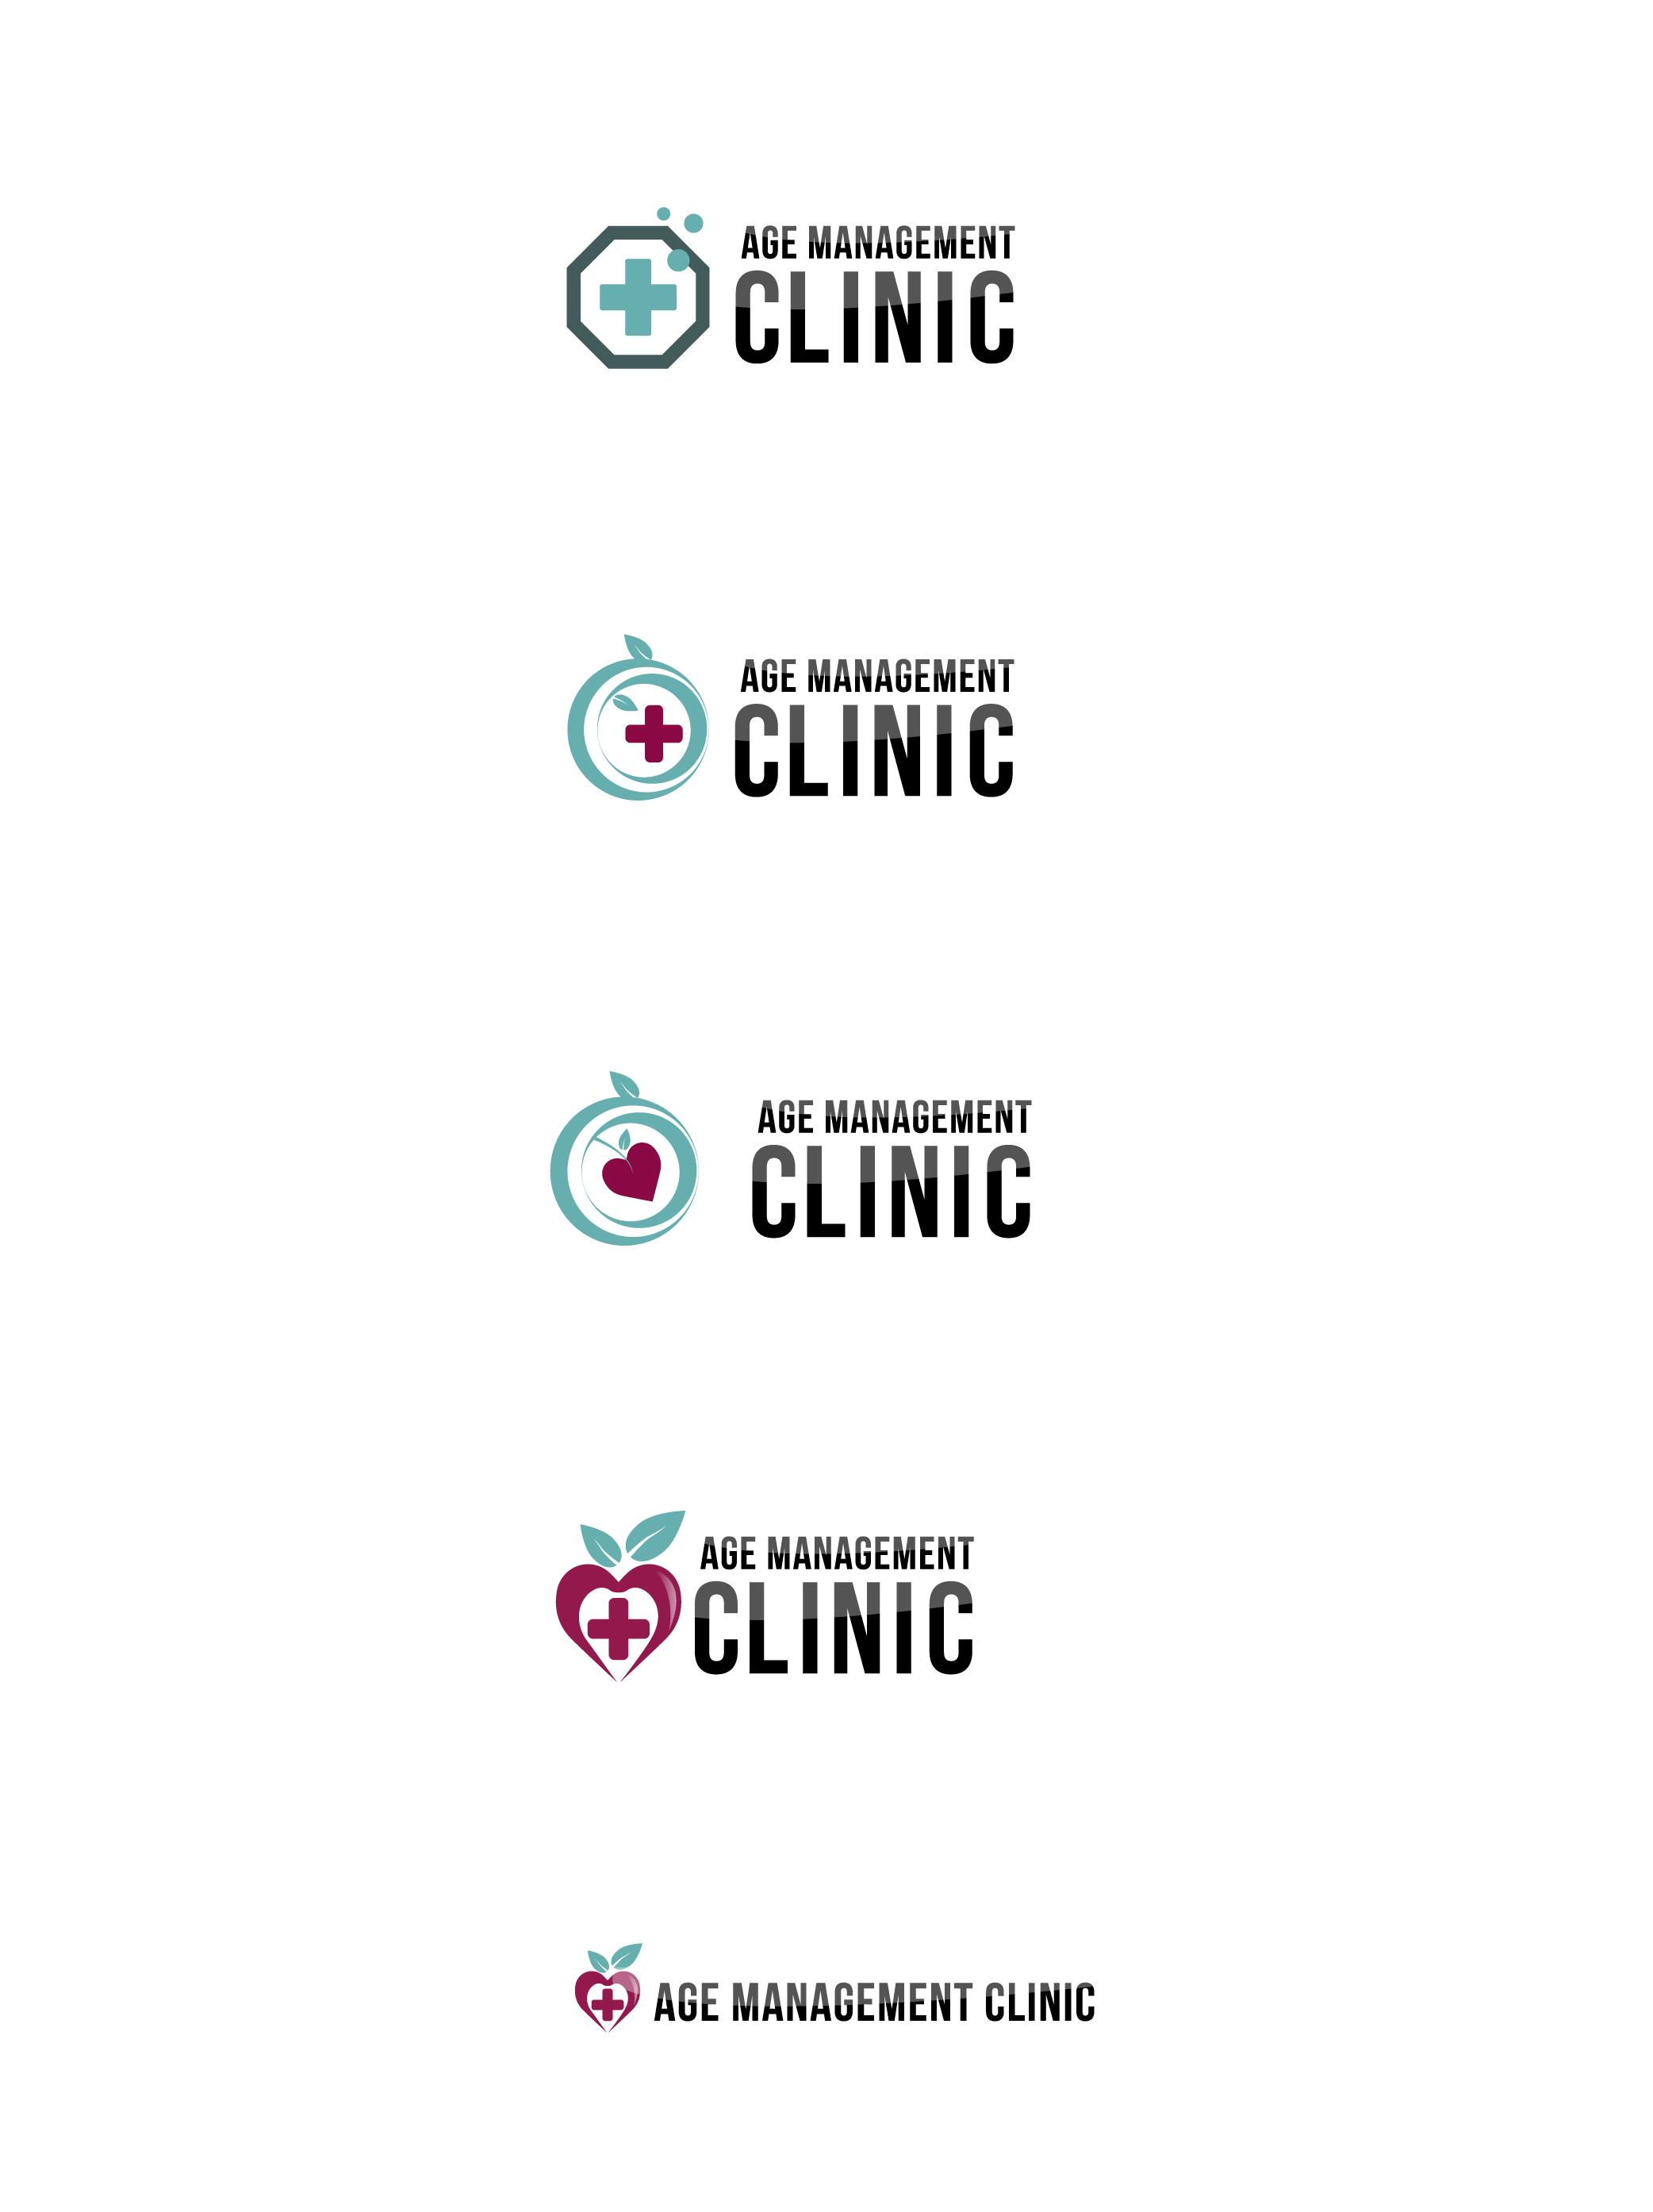 Логотип для медицинского центра (клиники)  фото f_1705ba0ba4c69179.jpg